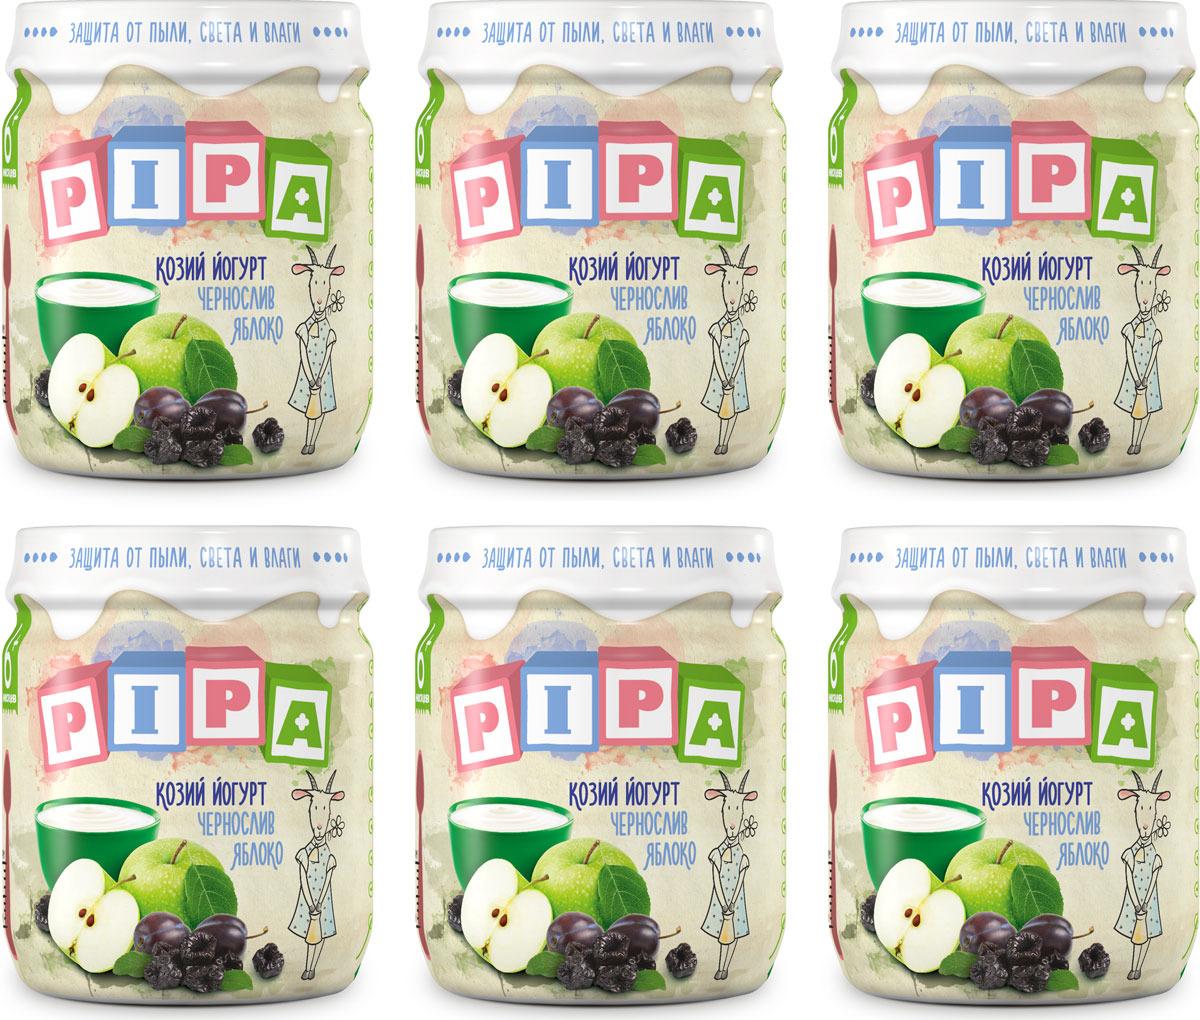 Пюре Pipa яблоко, чернослив и козий йогурт, с 6 месяцев, 6 шт по 100 г